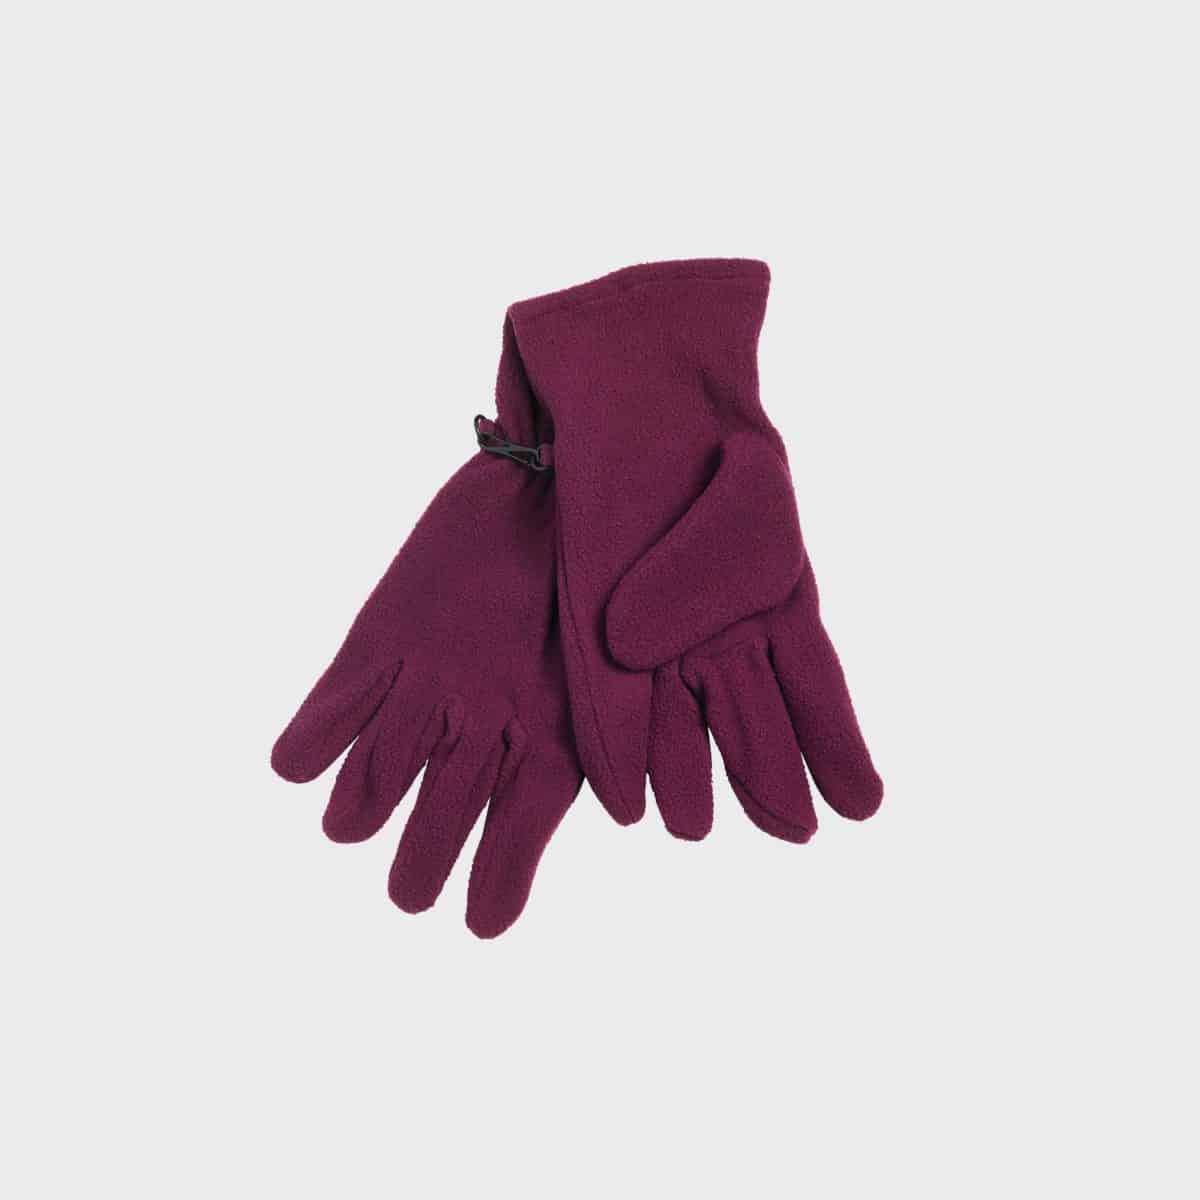 microfleece-handschuhe-violet-kaufen-besticken_stickmanufaktur